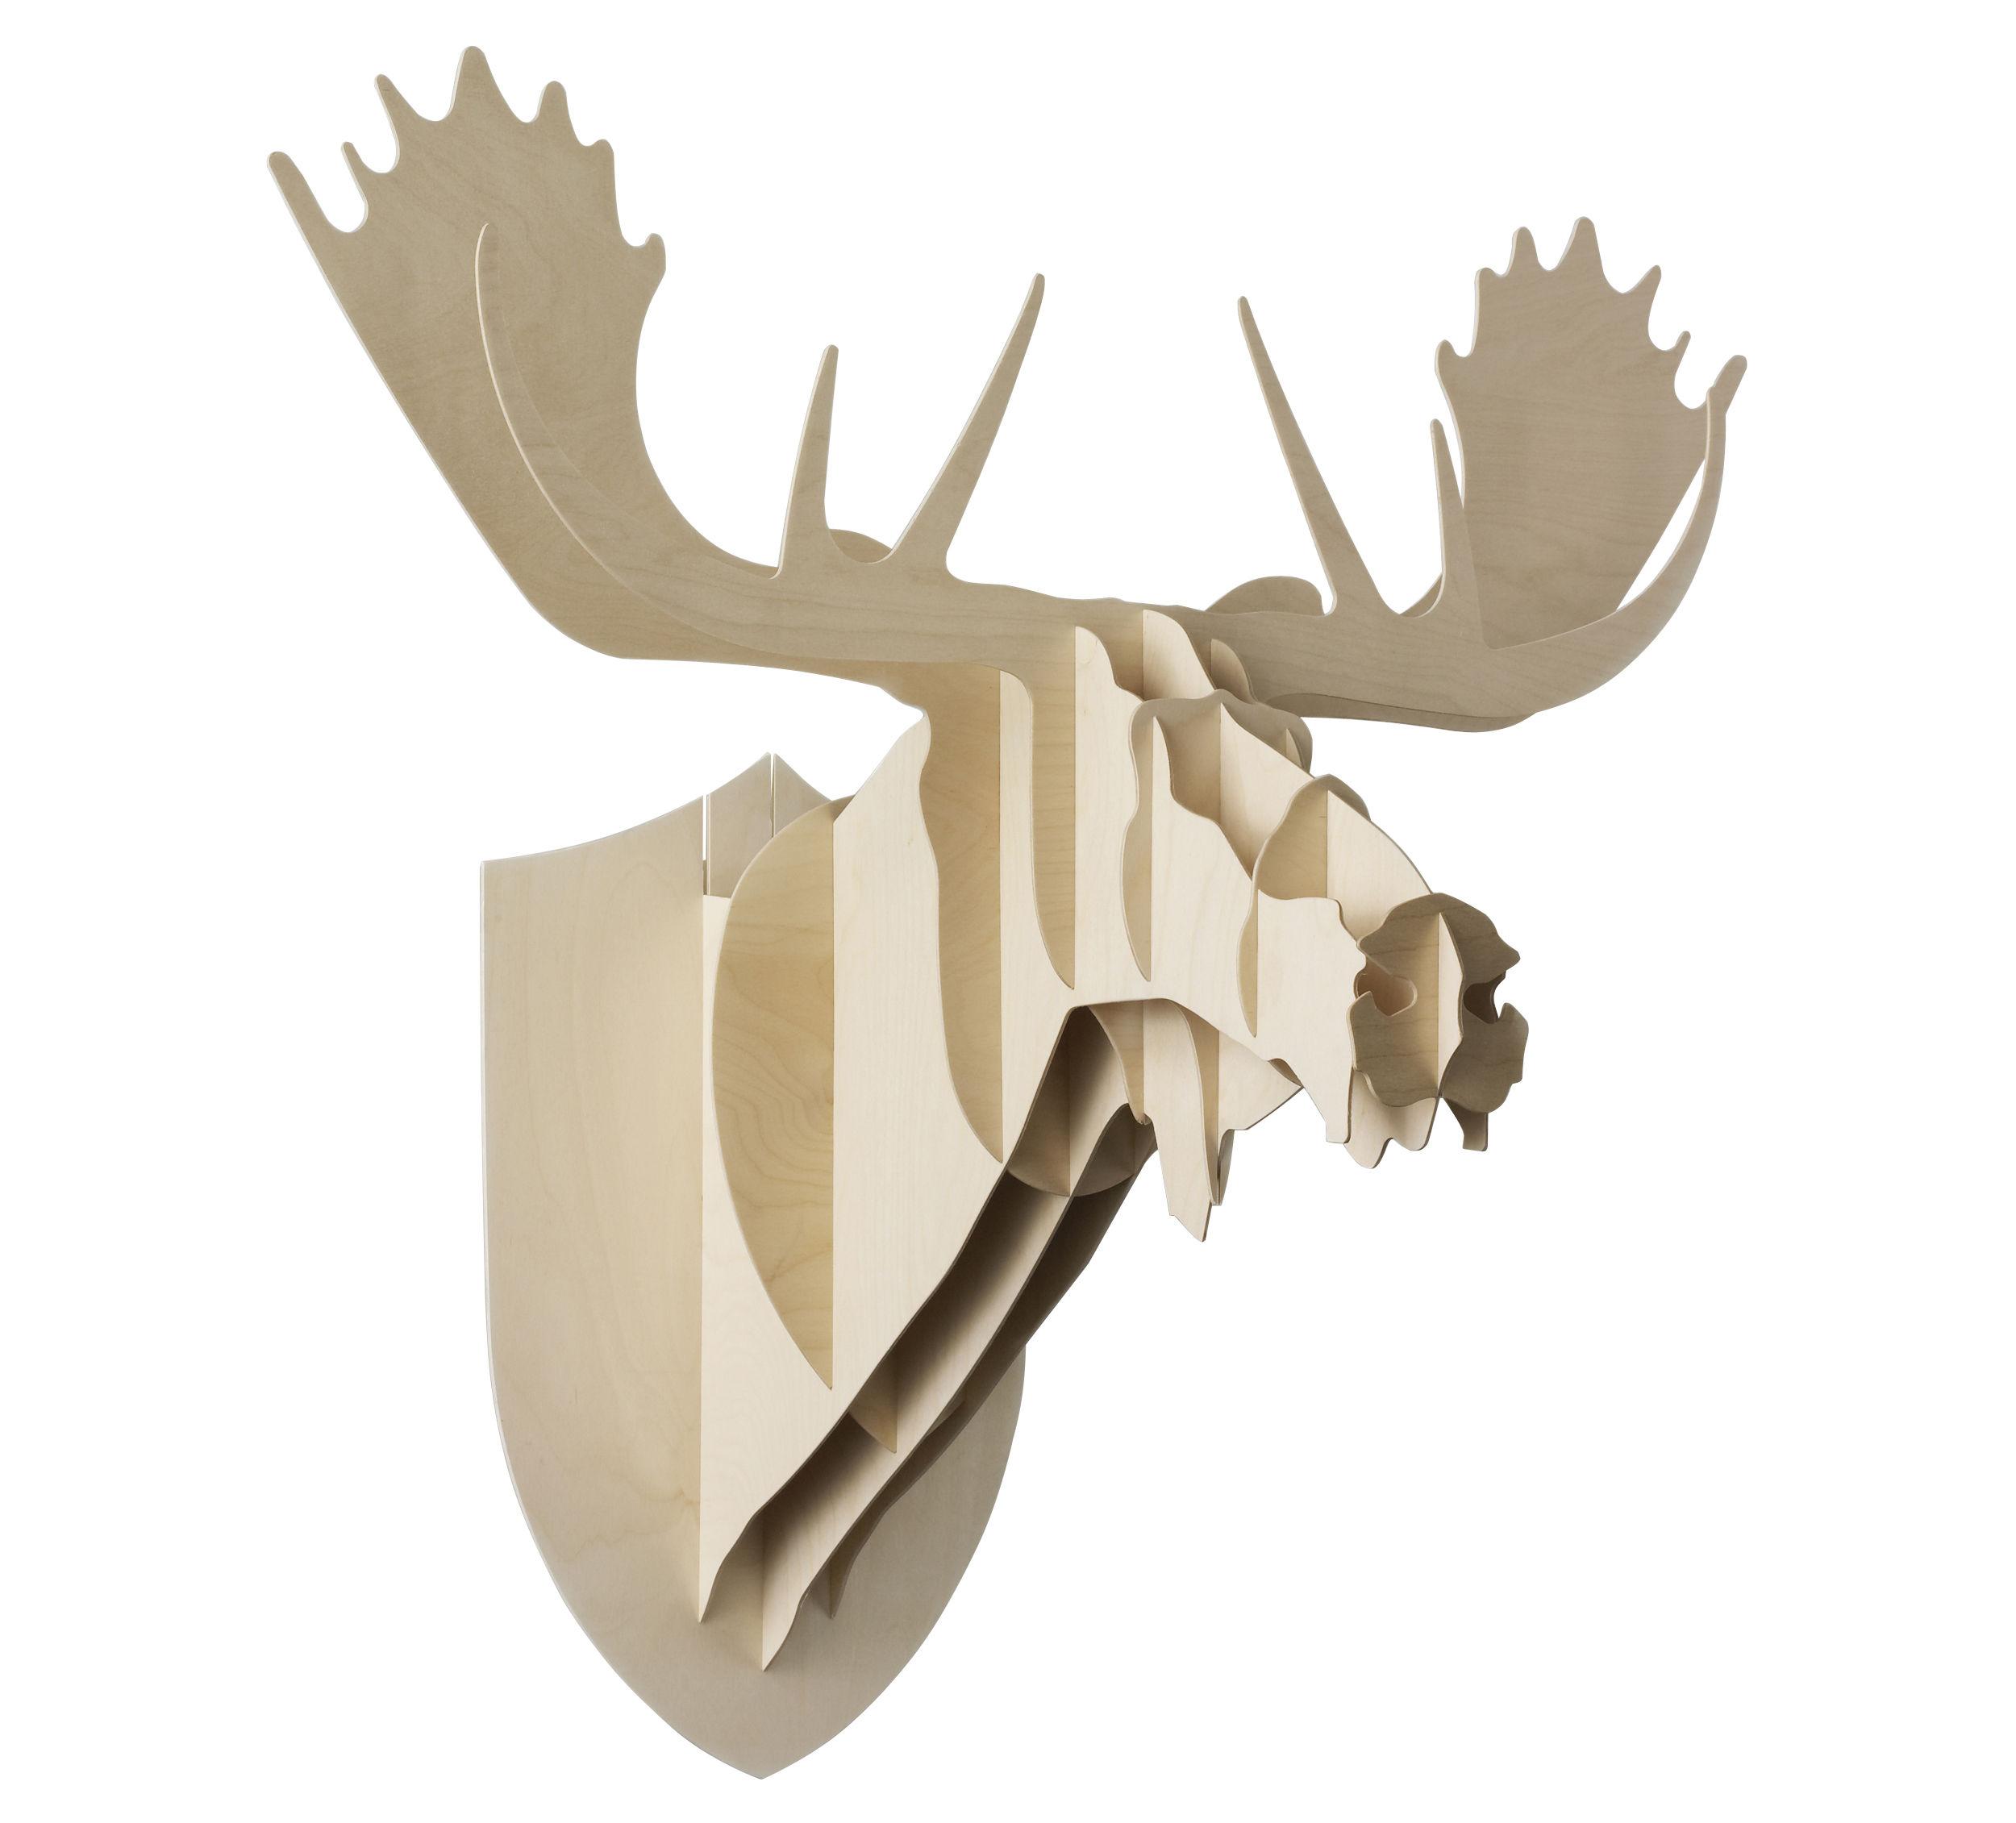 Déco - Tendance humour & décalage - Trophée Elan - H 86 cm - Moustache - H 86 cm - Bois naturel - Contreplaqué de bouleau